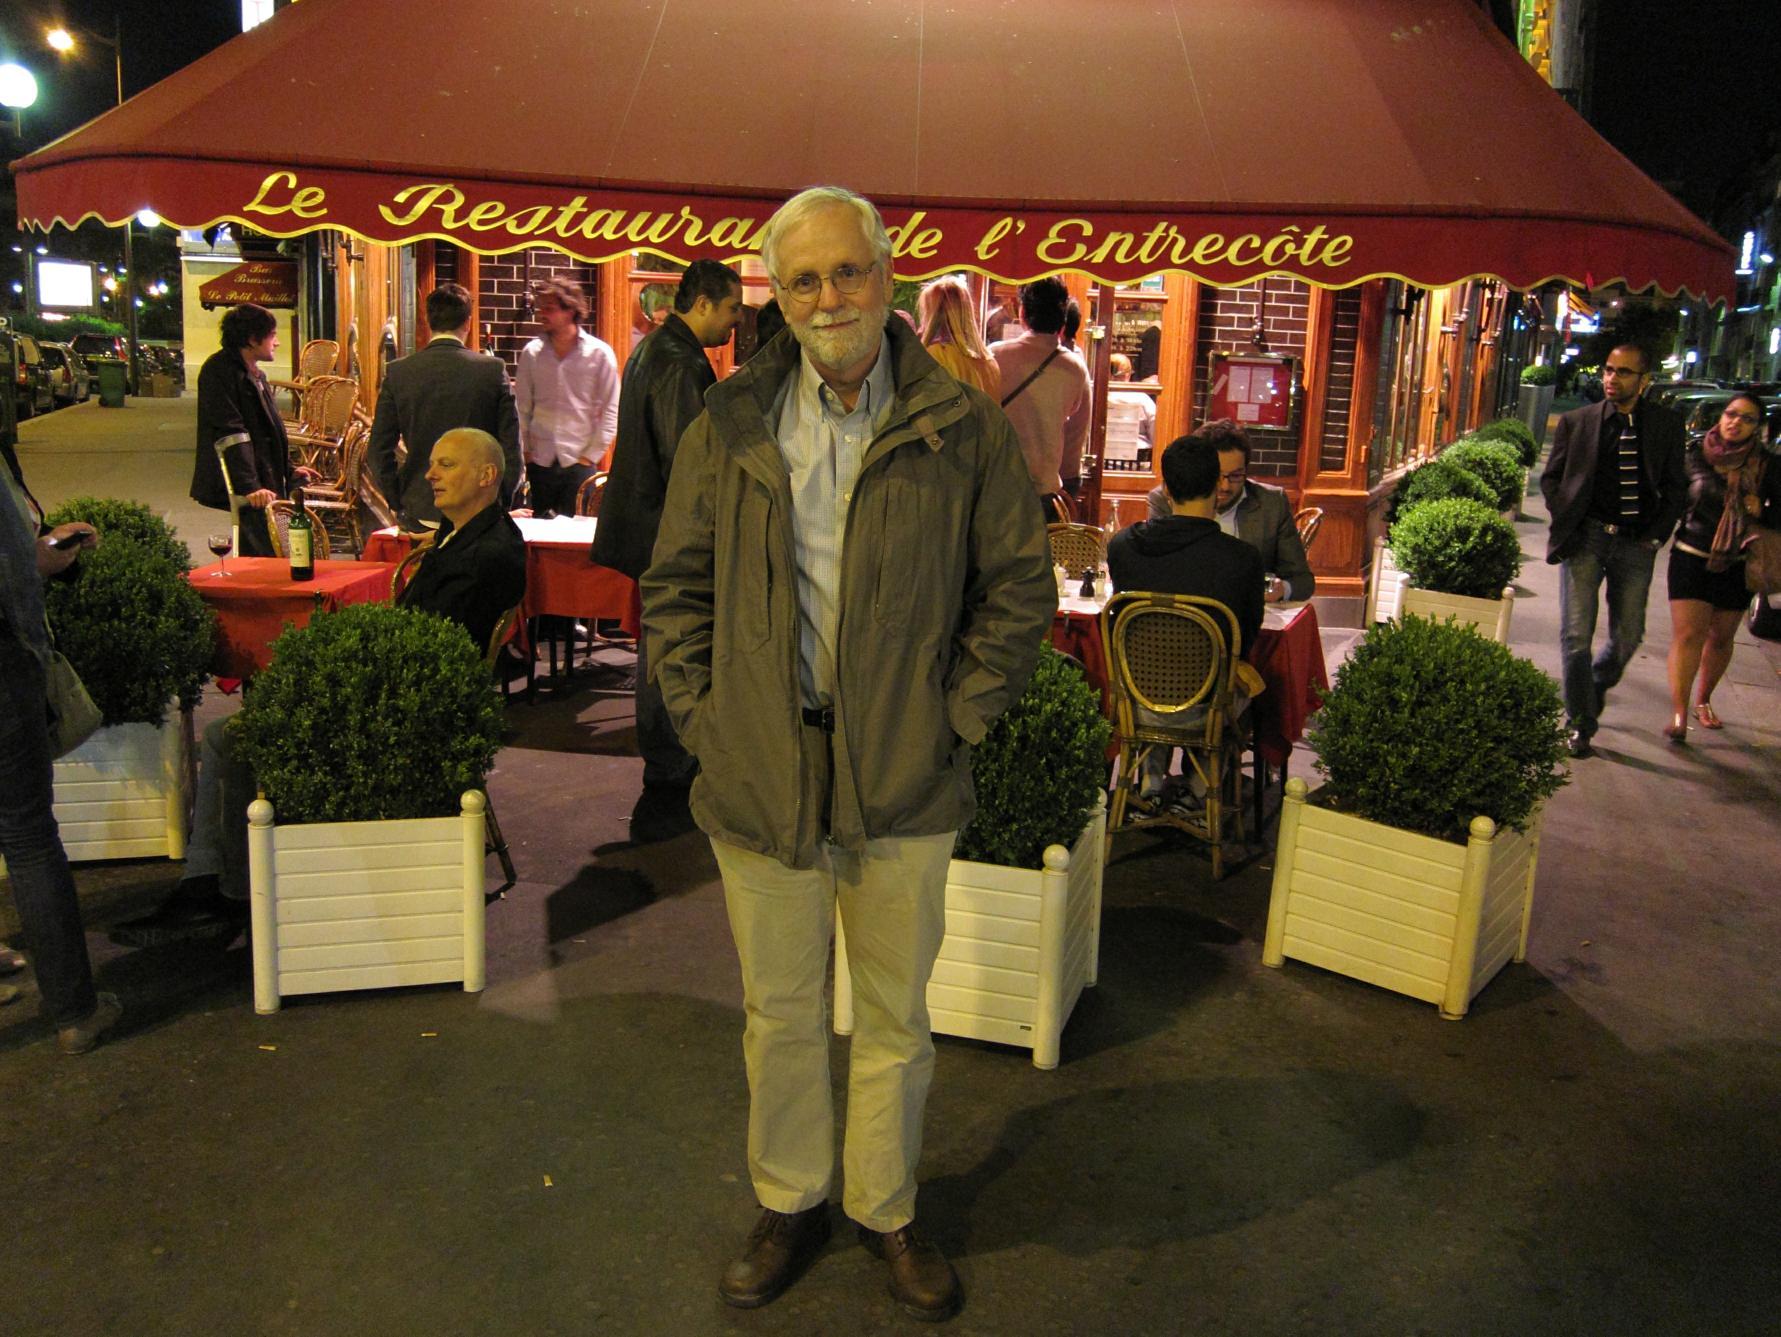 Relais de venise l entrecote ii spring in paris - Restaurant le congres paris porte maillot ...